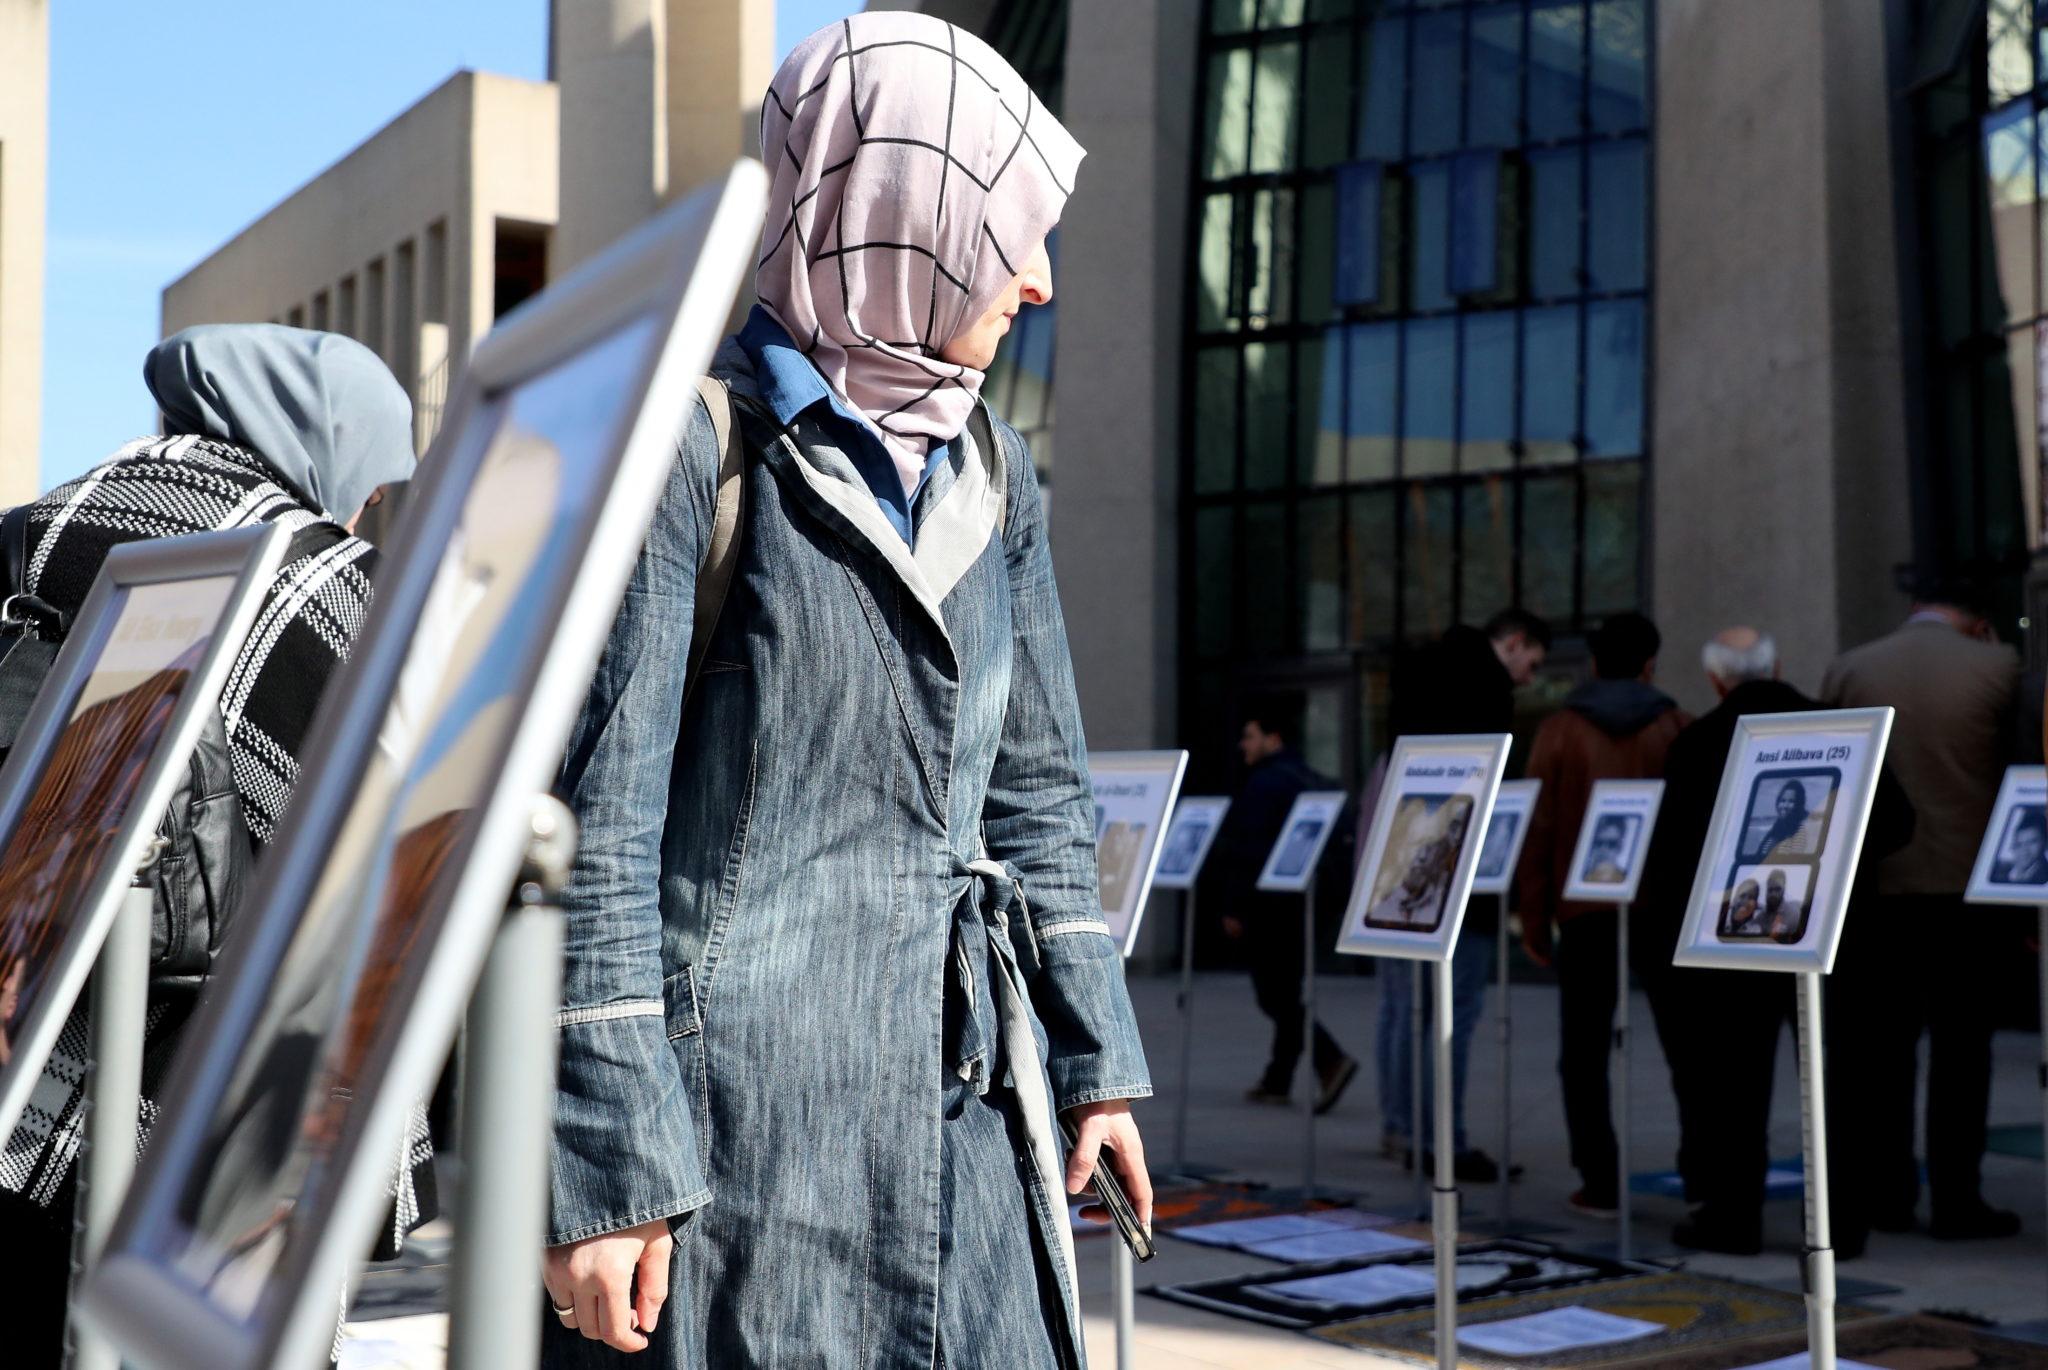 Żałoba i solidarność w Nowej Zelandii po zamachach. Trwają pogrzeby ofiar, misyjne pl